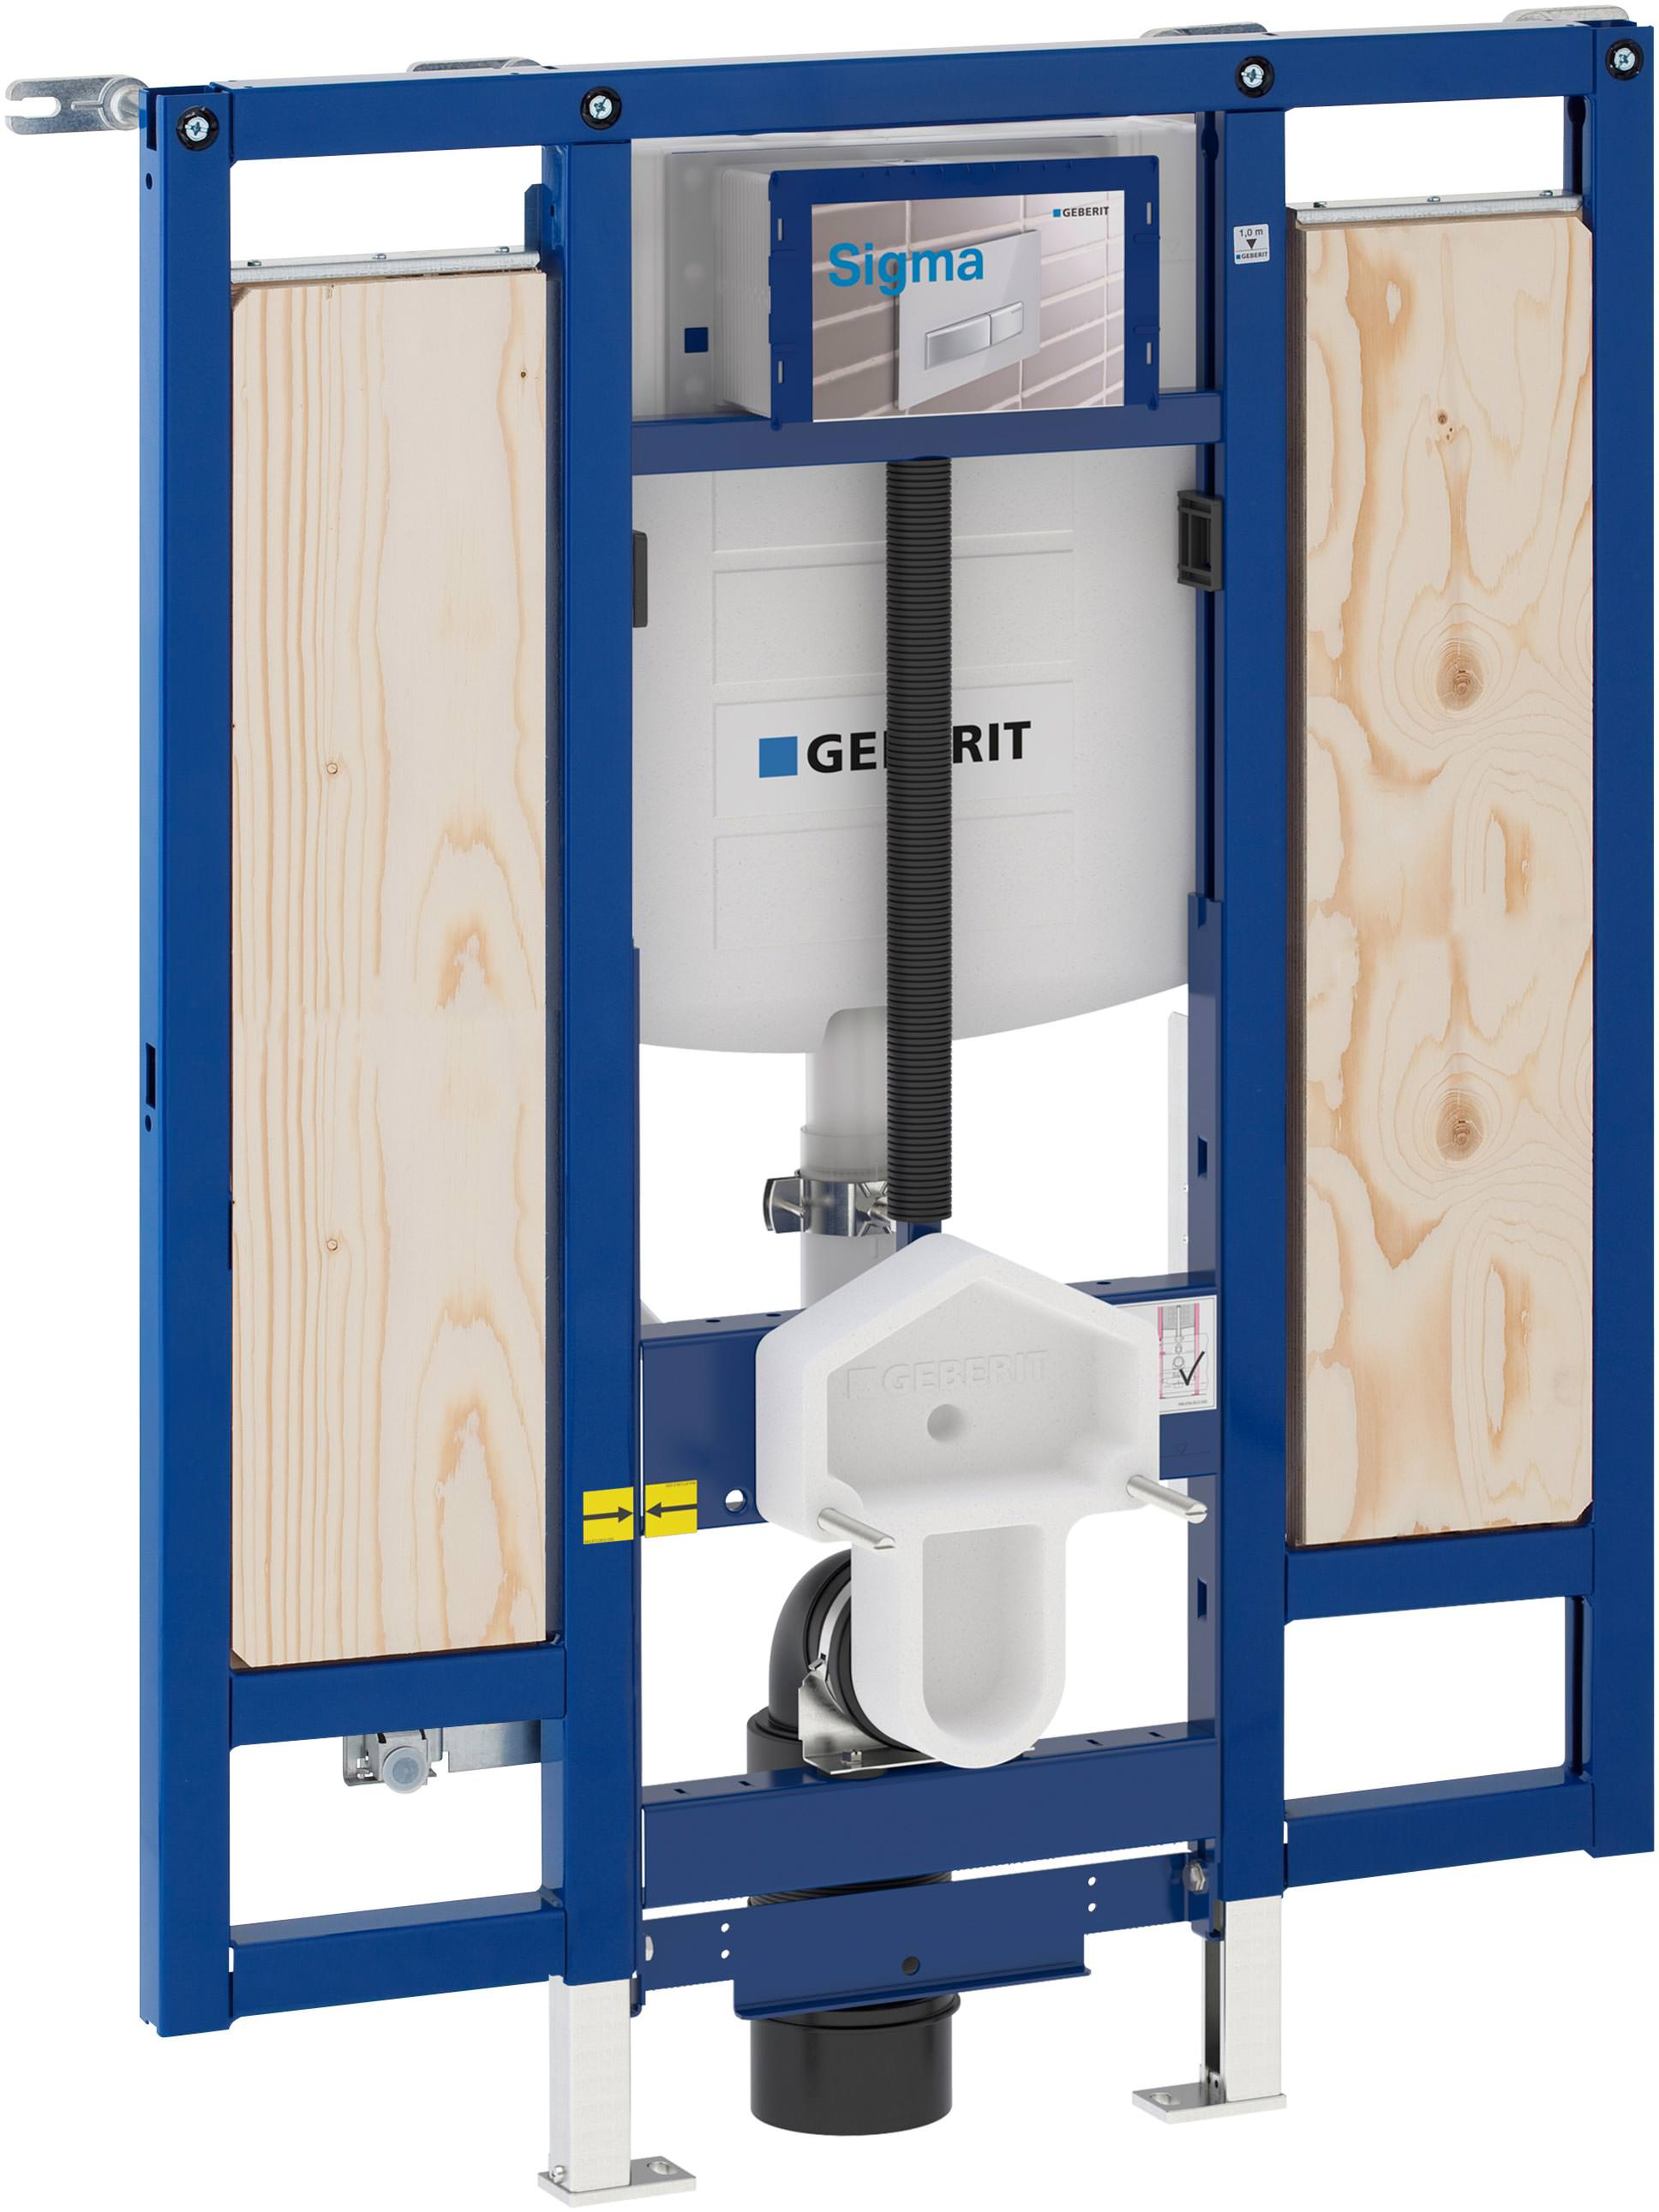 neues duofix wand wc element vorger stet f r behindertengerechte nachr stungen. Black Bedroom Furniture Sets. Home Design Ideas